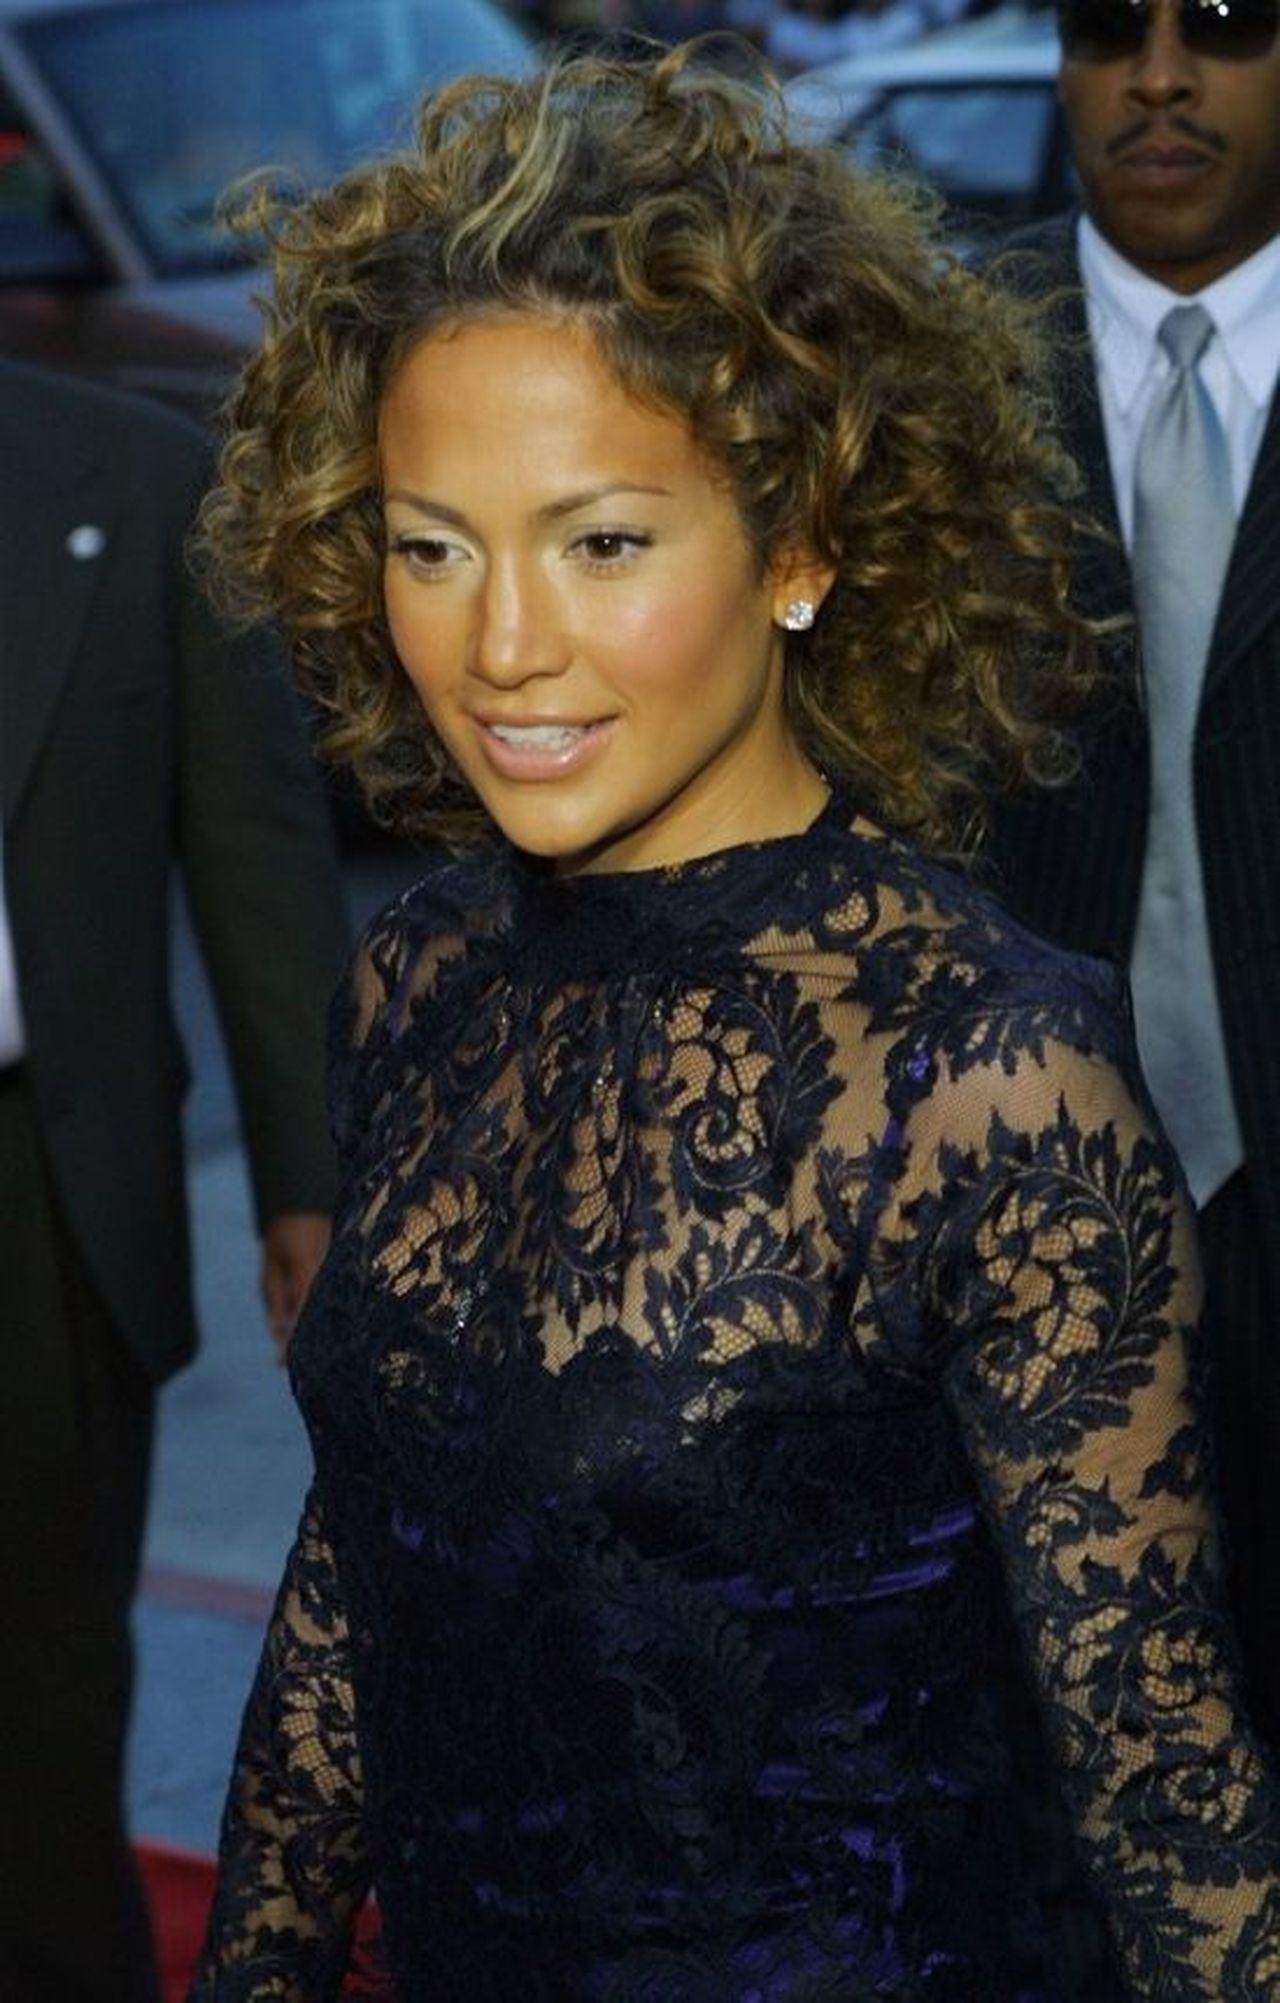 10 ciekawostek o Jennifer Lopez na jej 50. URODZINY! Ile lat miała, gdy zaręczyła się po raz pierwszy? Jakie ma FOCHY?